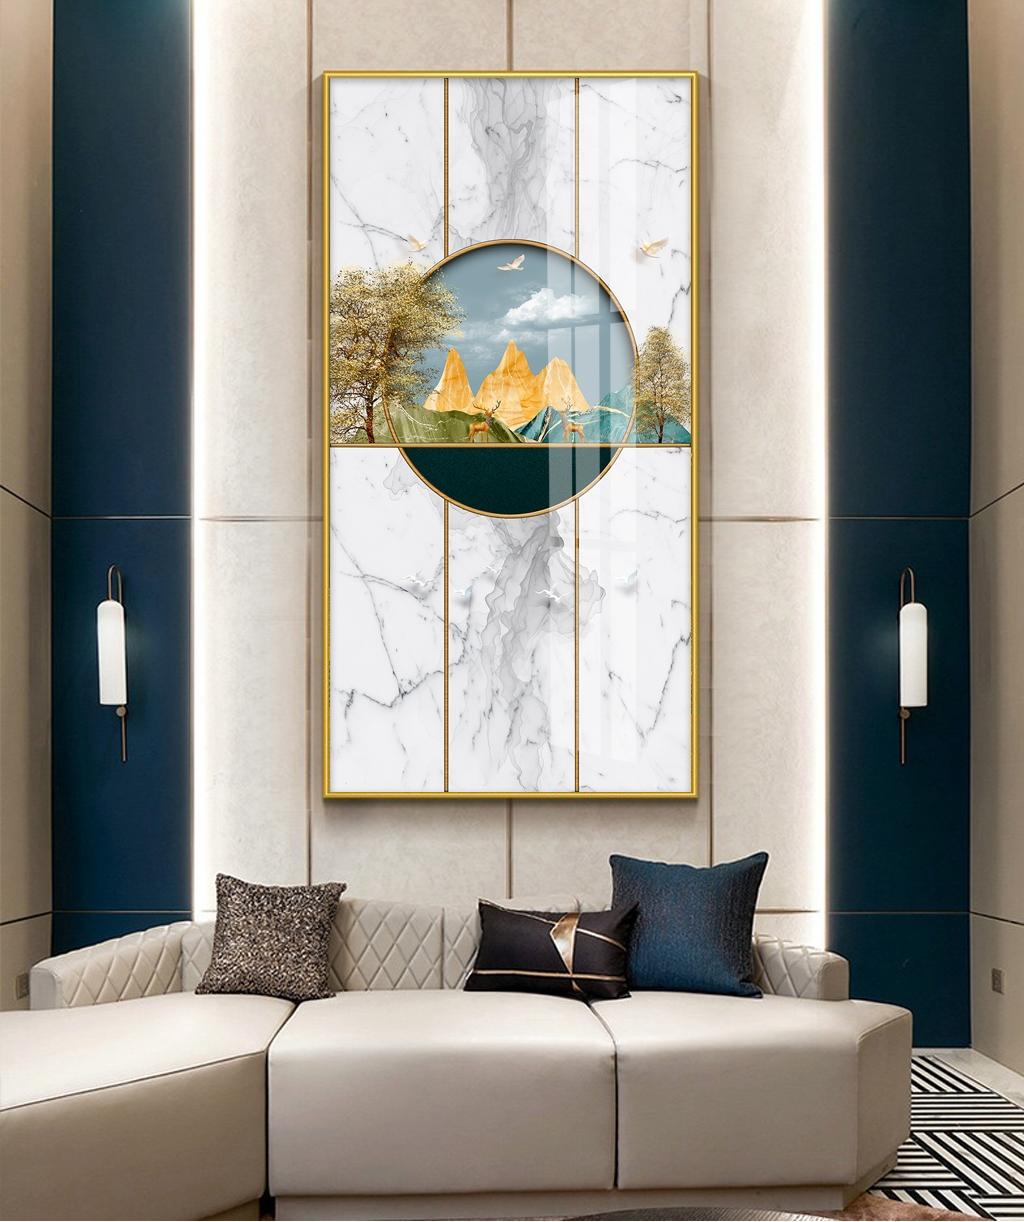 客厅玄关晶瓷挂画-福禄高升